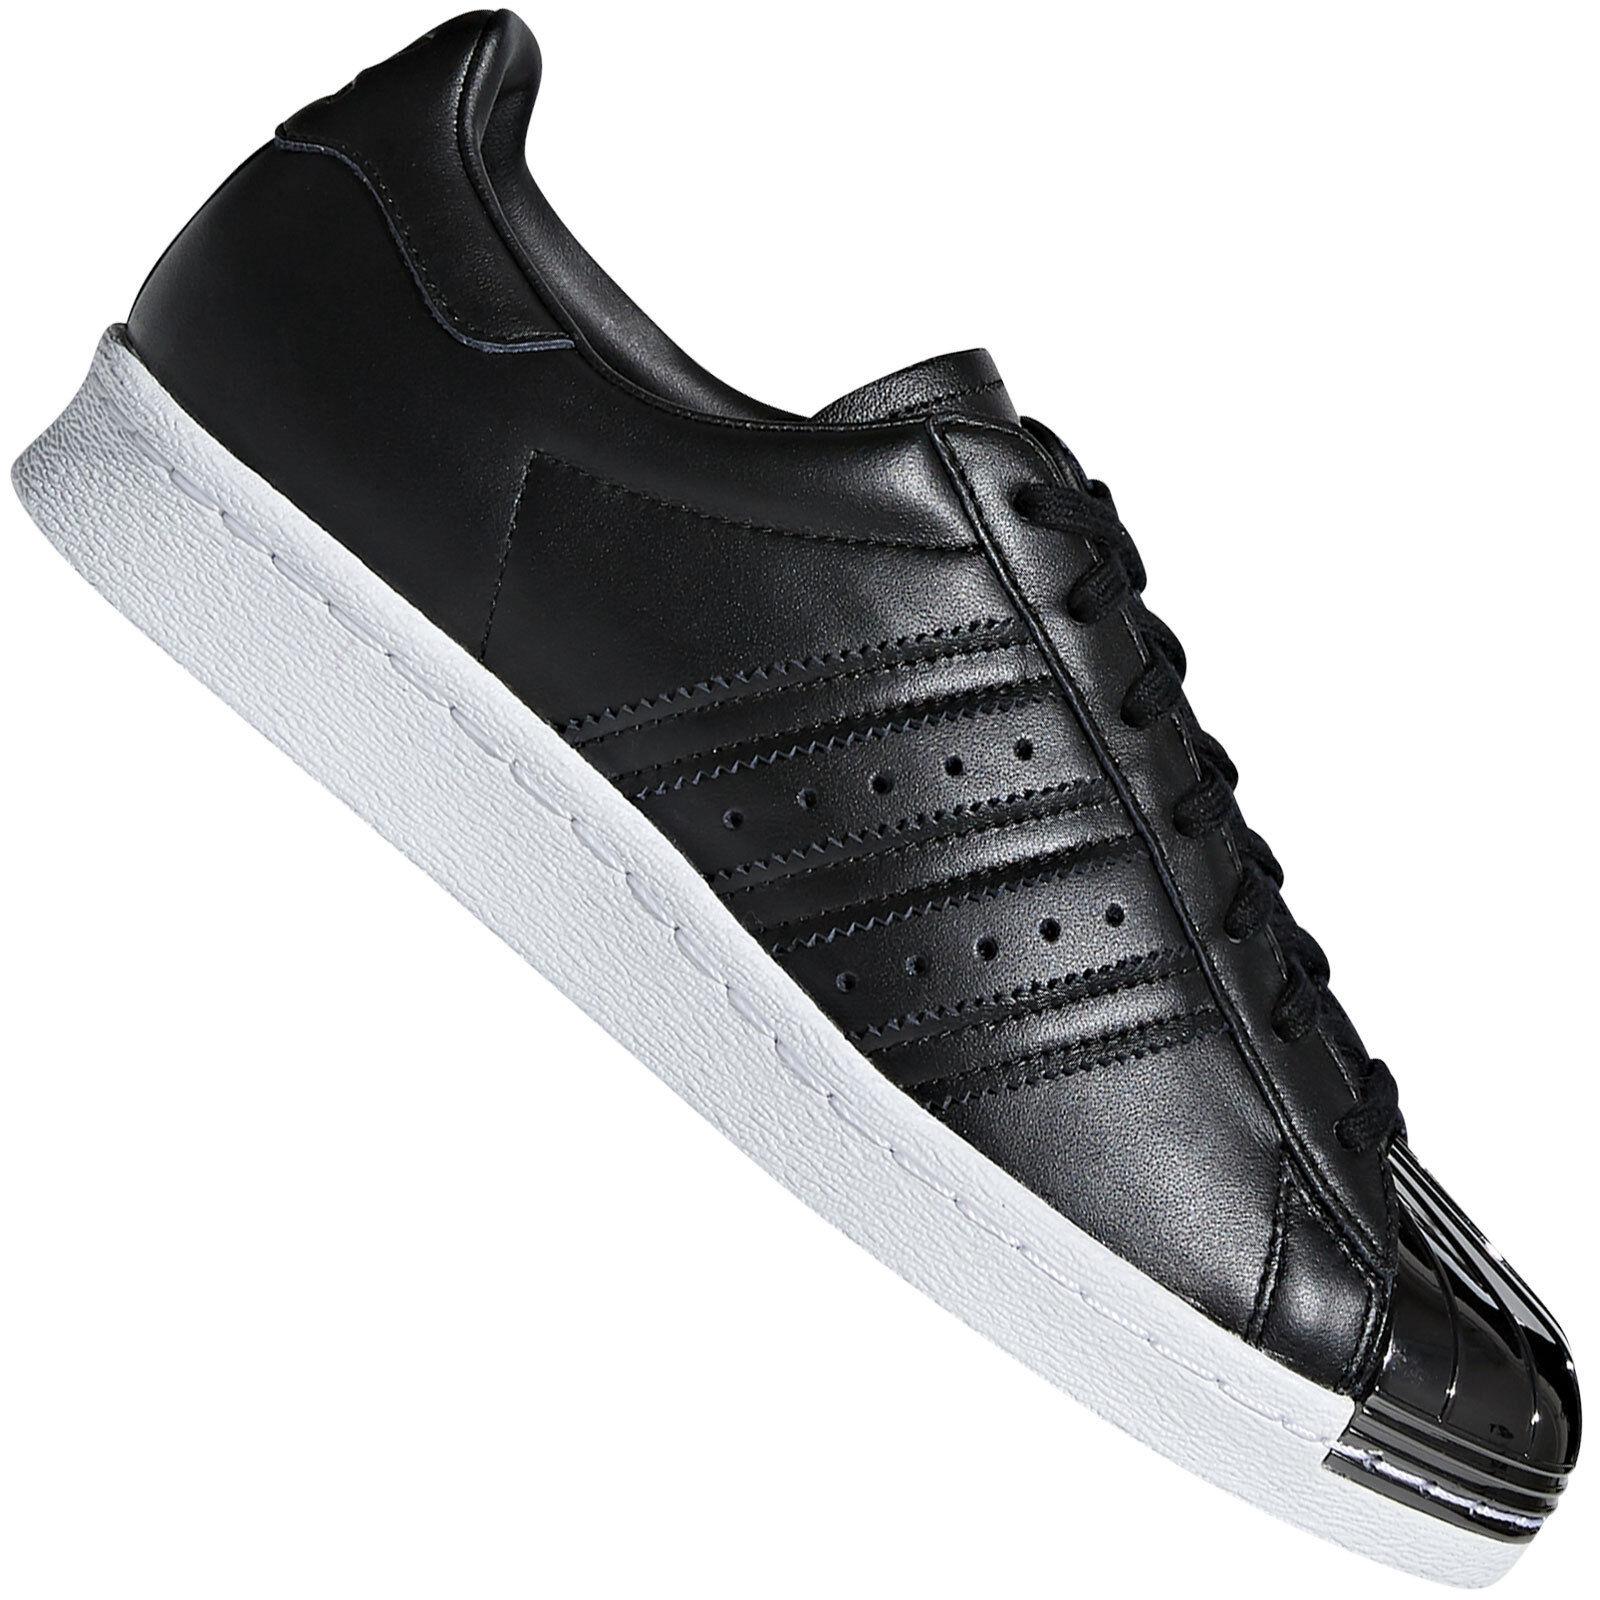 Adidas Originals Superstar 80s Métallique Baskets Femmes Noir Métal Orteil